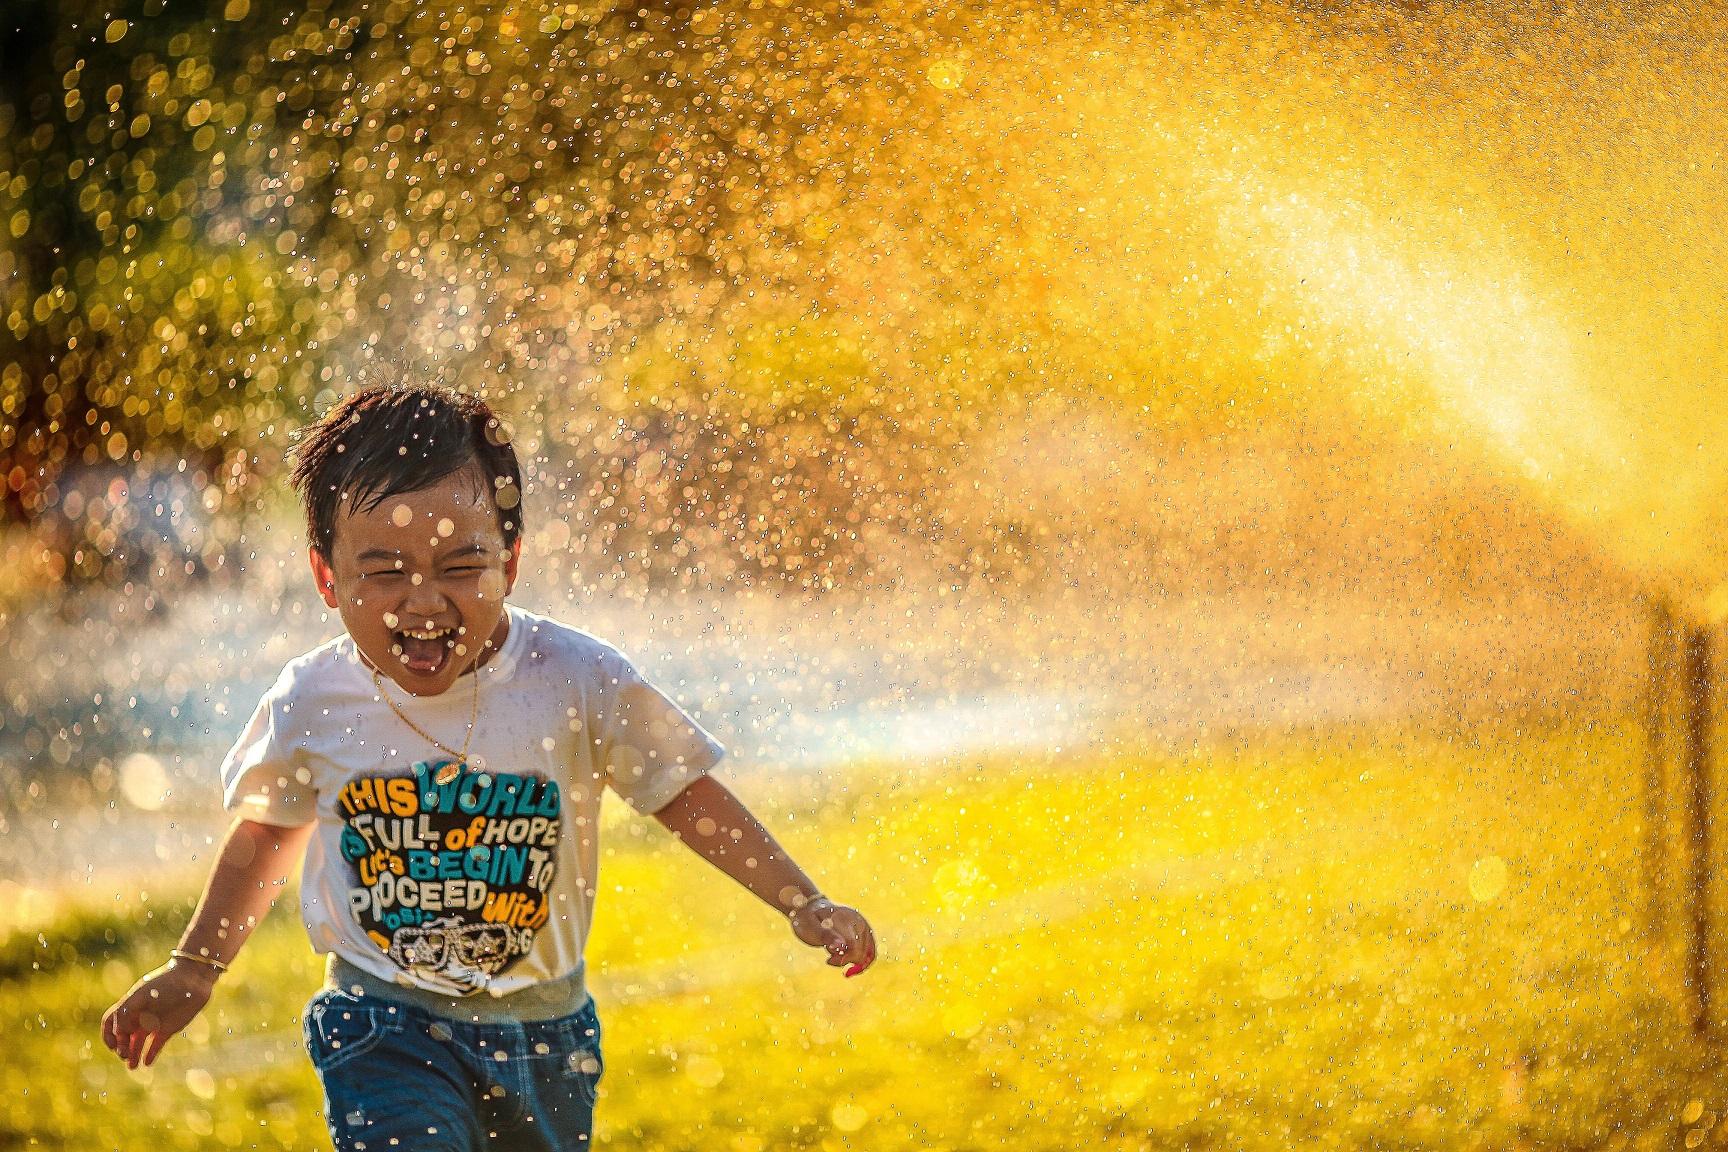 Photo © Unsplash/Mi Pham